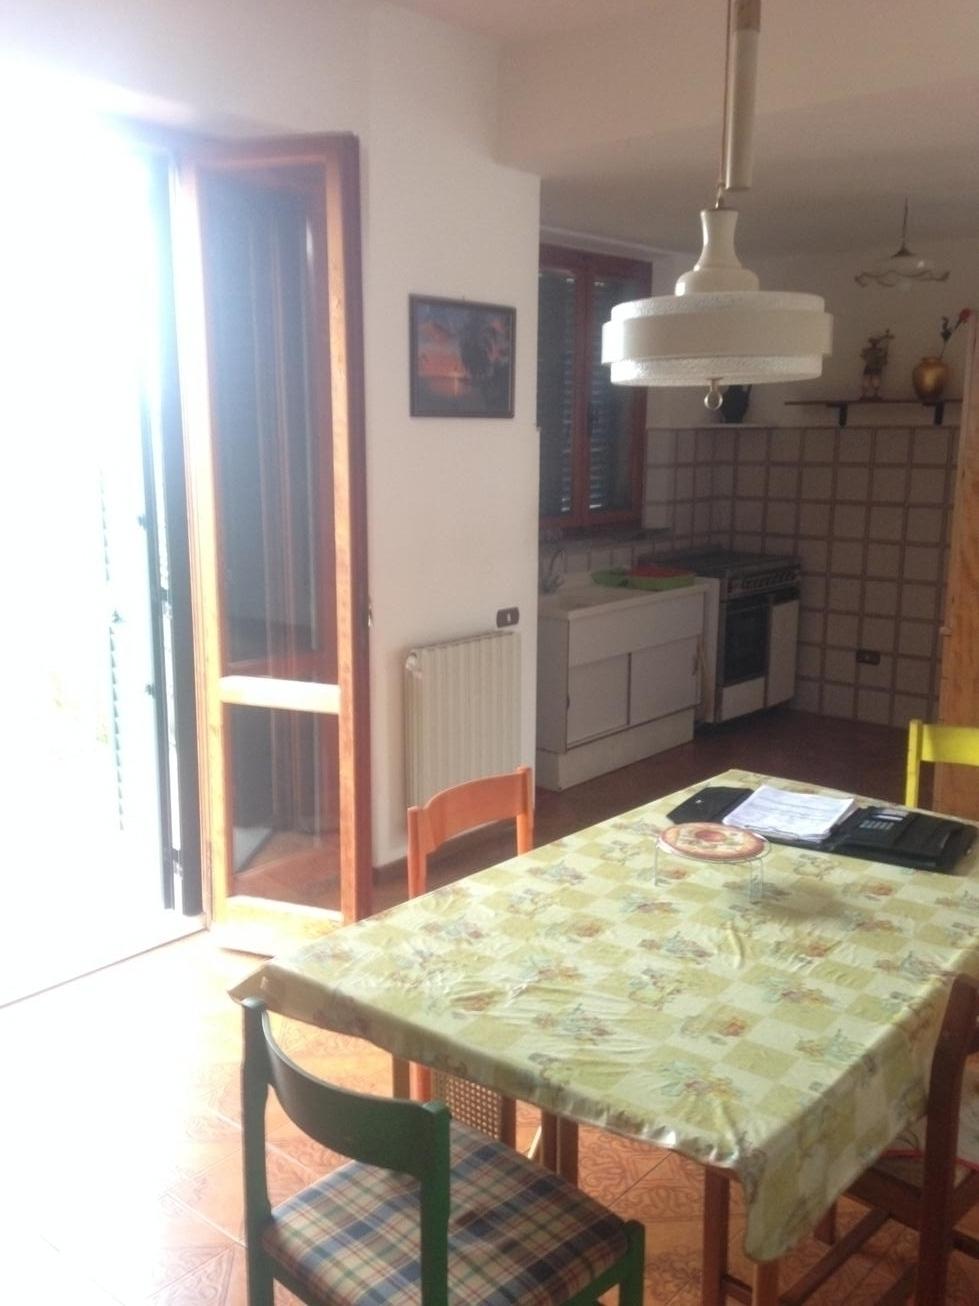 Villa in vendita a Montopoli in Val d'Arno, 6 locali, zona Zona: Marti, prezzo € 380.000 | CambioCasa.it